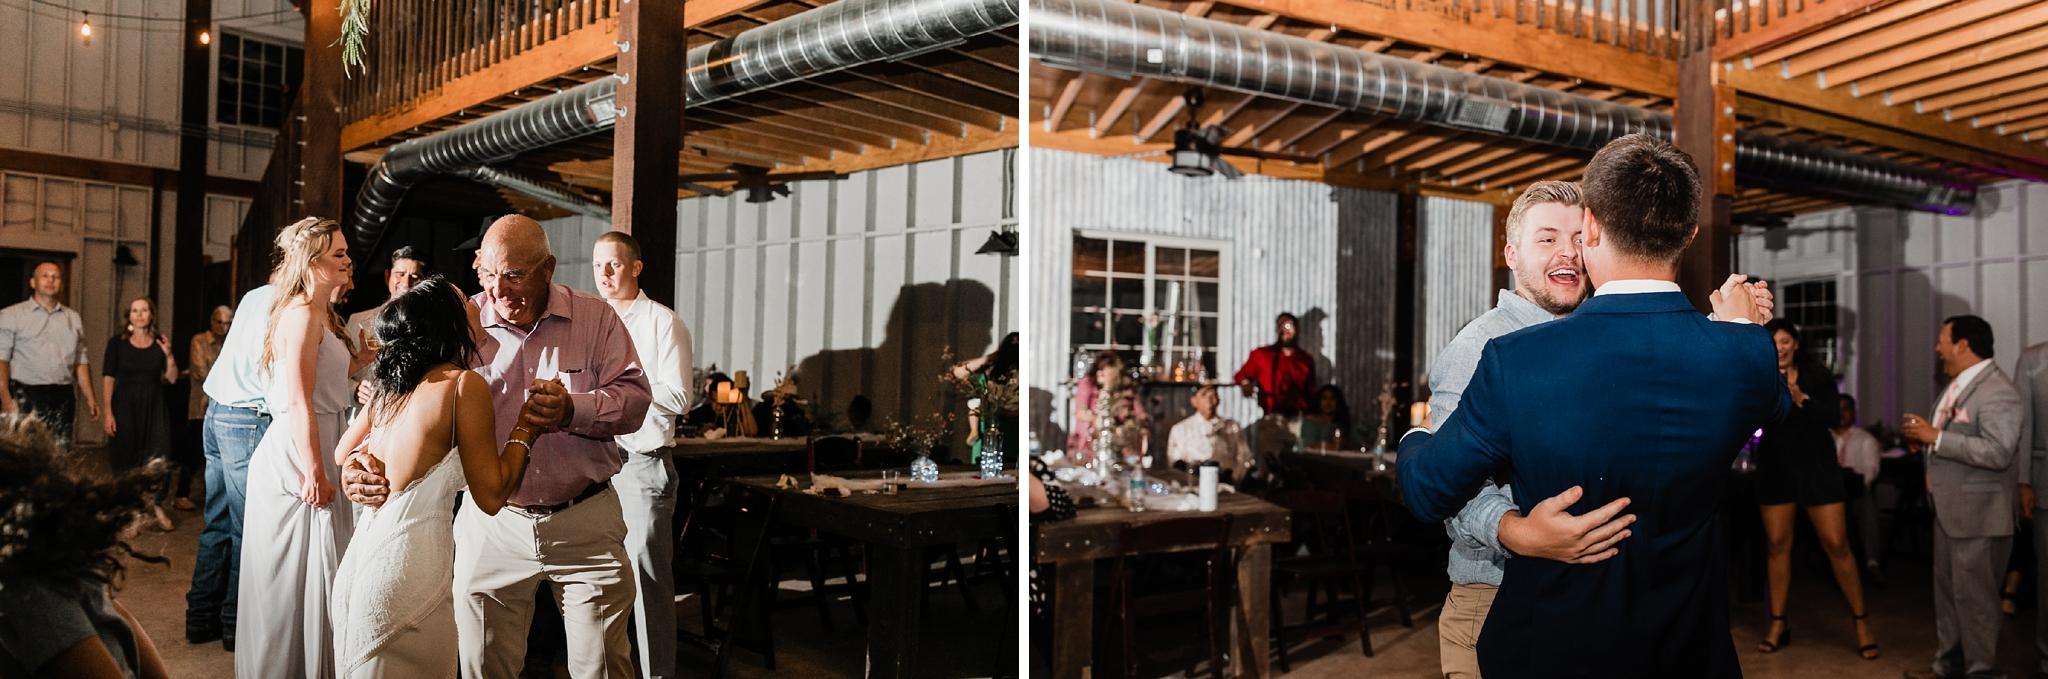 Alicia+lucia+photography+-+albuquerque+wedding+photographer+-+santa+fe+wedding+photography+-+new+mexico+wedding+photographer+-+new+mexico+wedding+-+new+mexico+wedding+-+barn+wedding+-+enchanted+vine+barn+wedding+-+ruidoso+wedding_0172.jpg